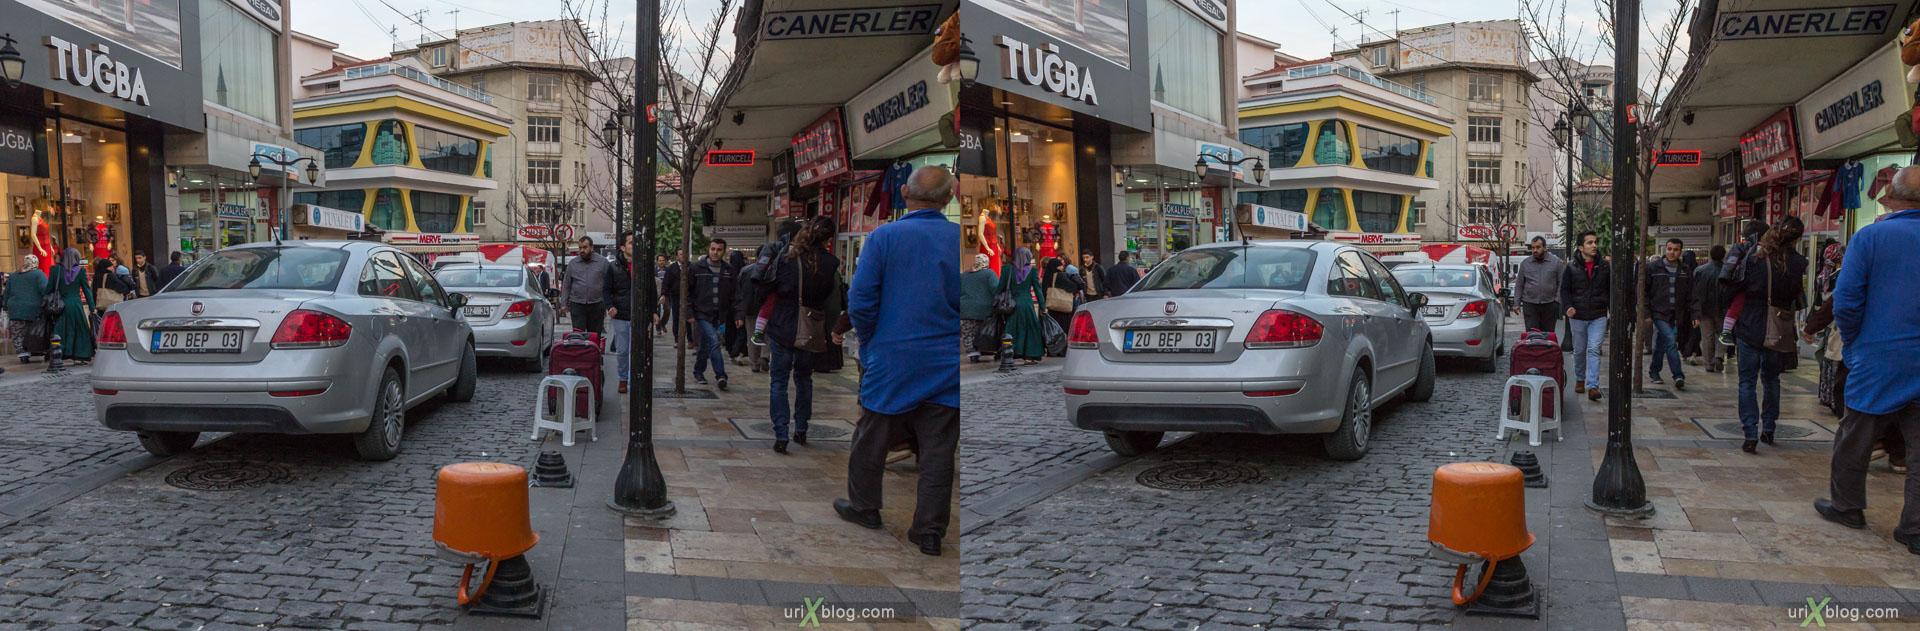 Дэнизли, Денизли, Турция, город, 3D, перекрёстная стереопара, стерео, стереопара, 2014